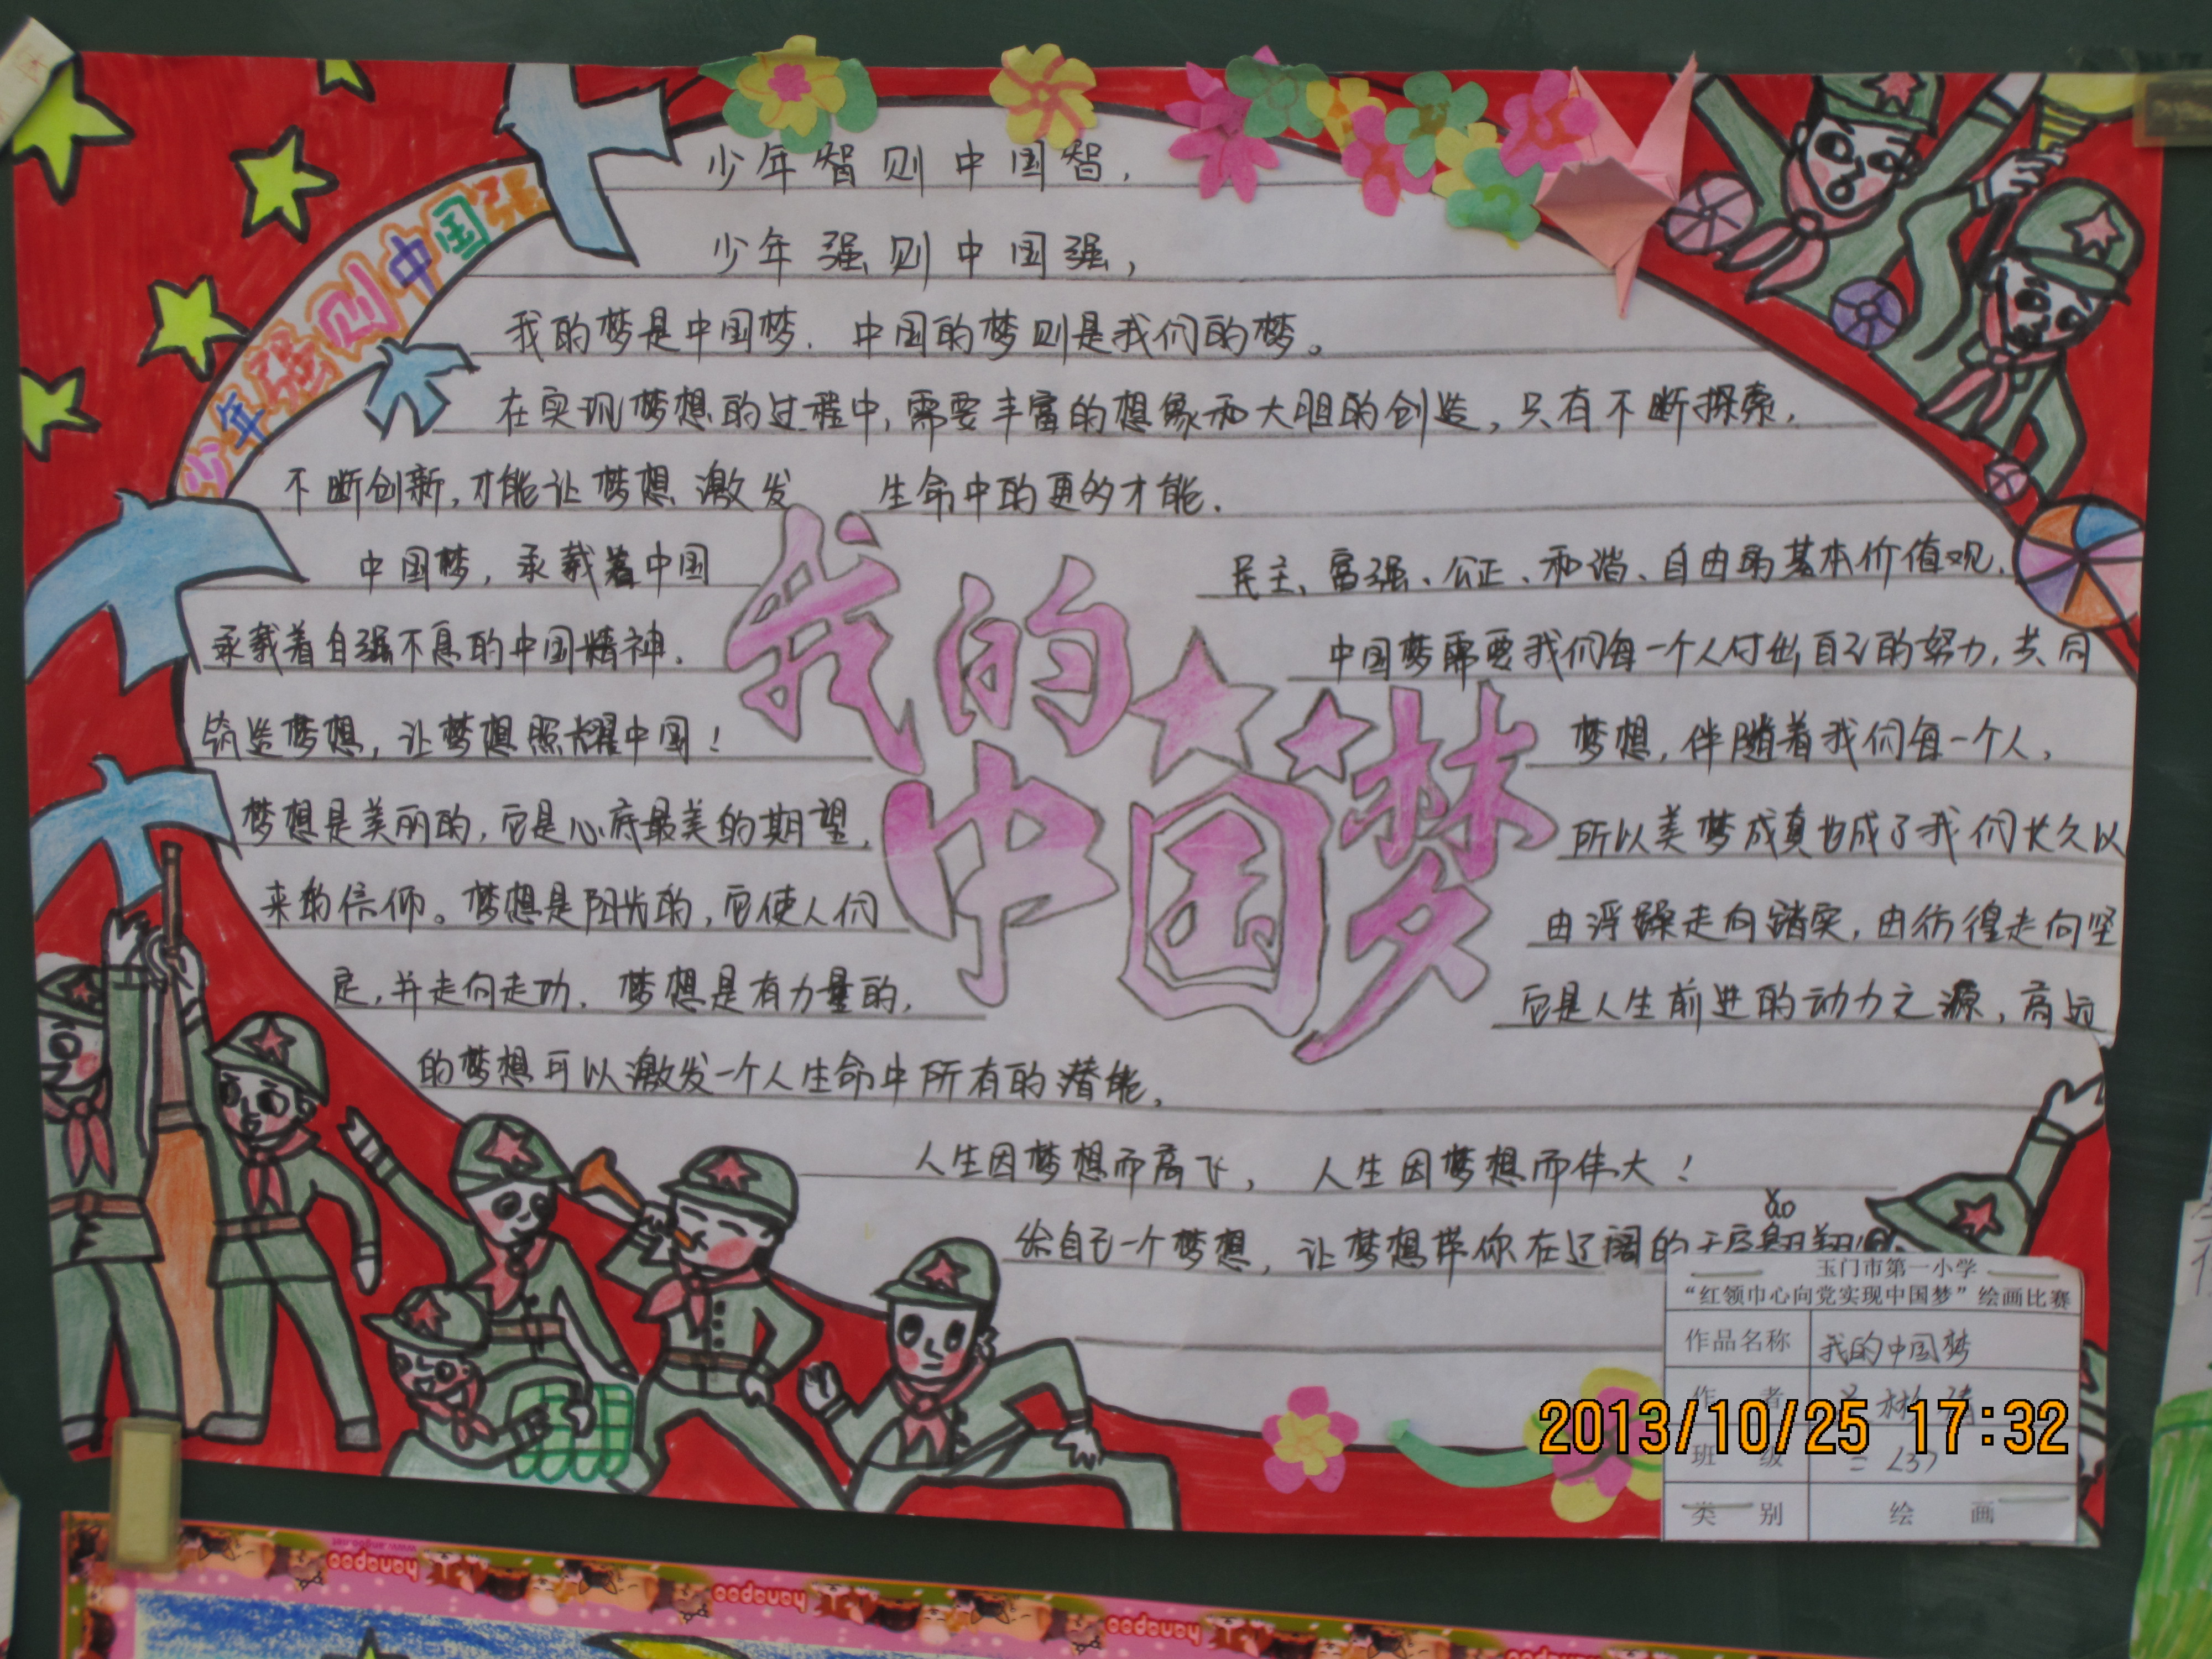 玉门市第一小学成功举办 我的中国梦 绘画手抄报比赛